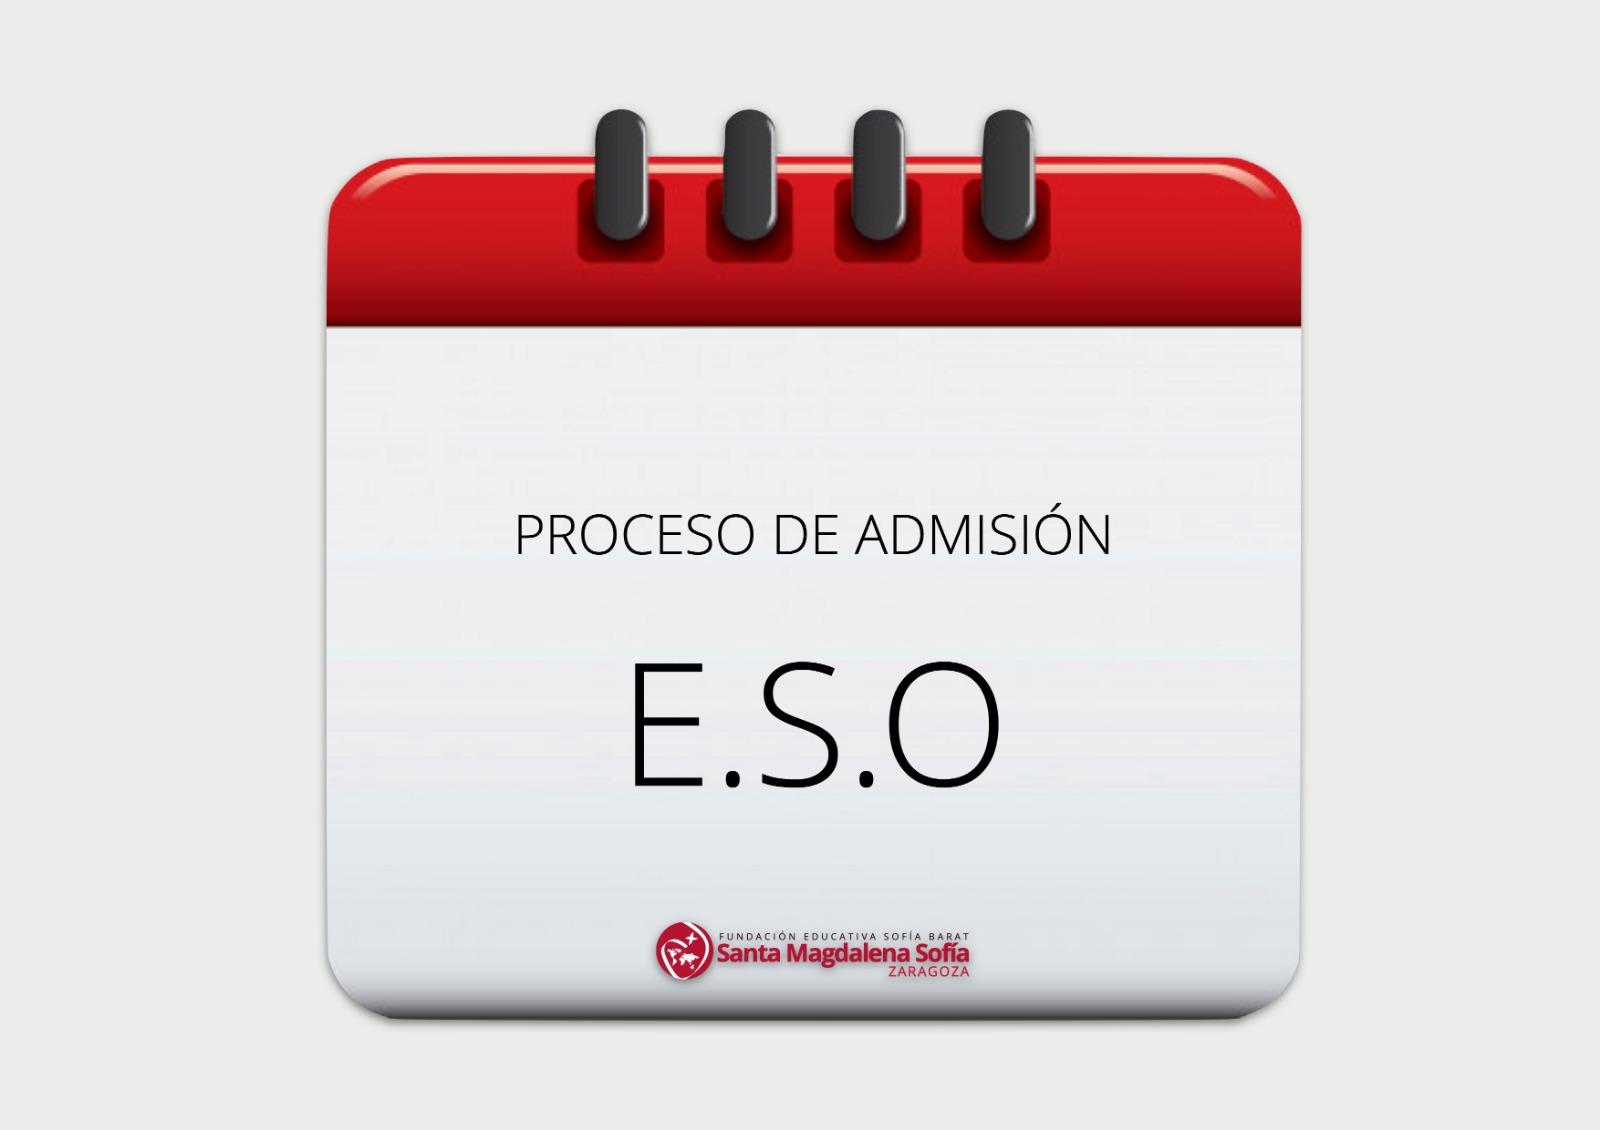 Instrucciones de admisión para E.S.O.